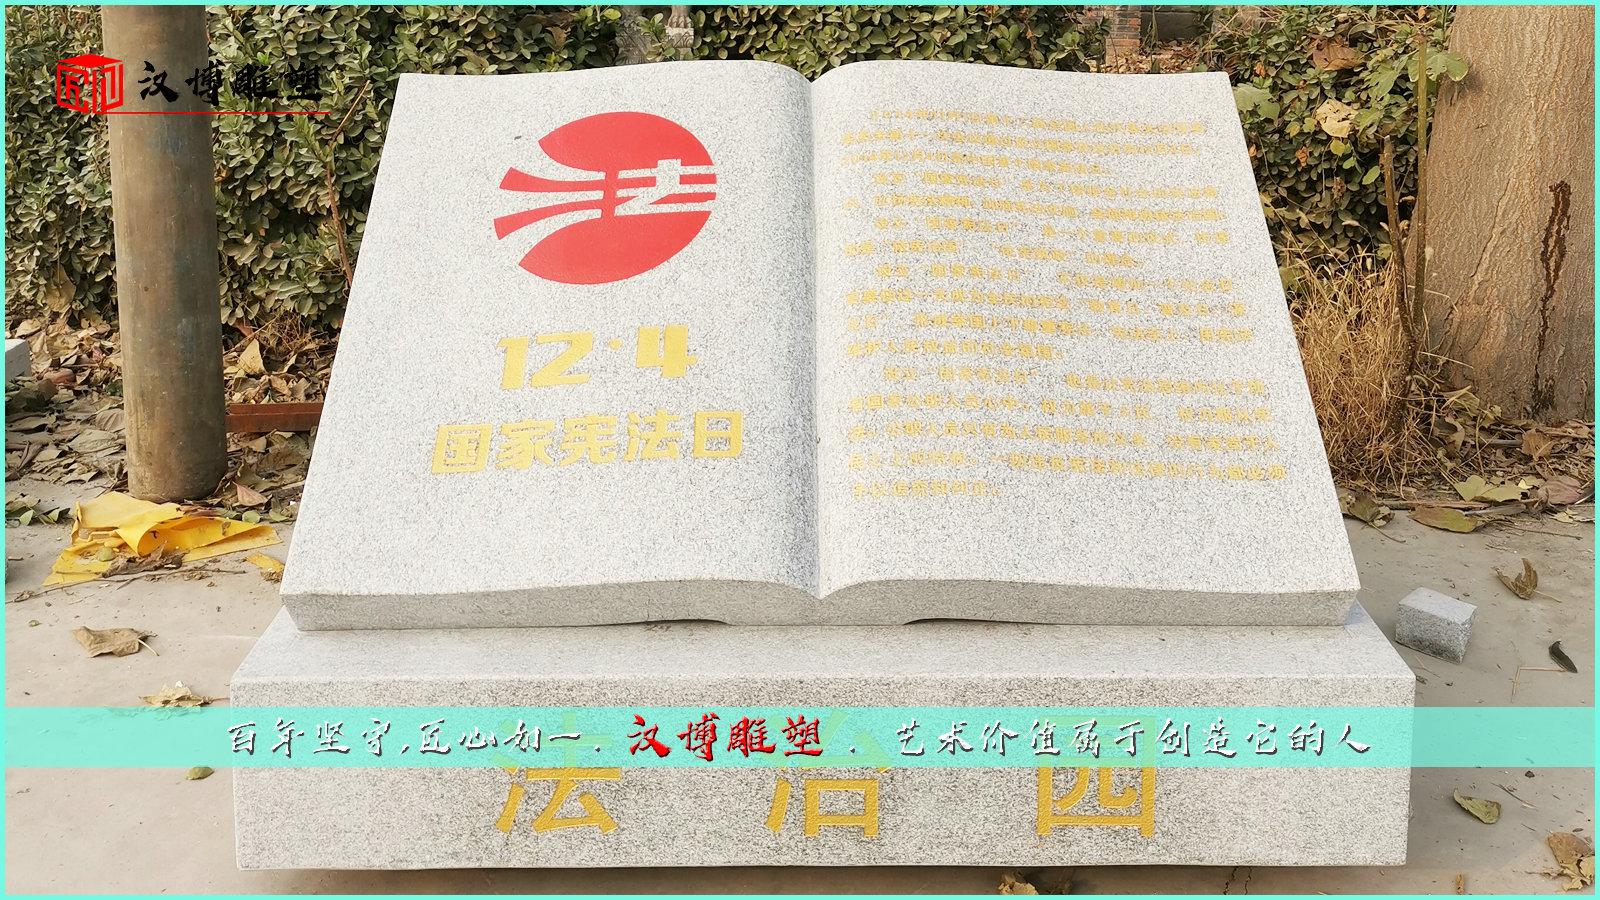 核心价值艺术雕像,千千万万中国人的精神支柱